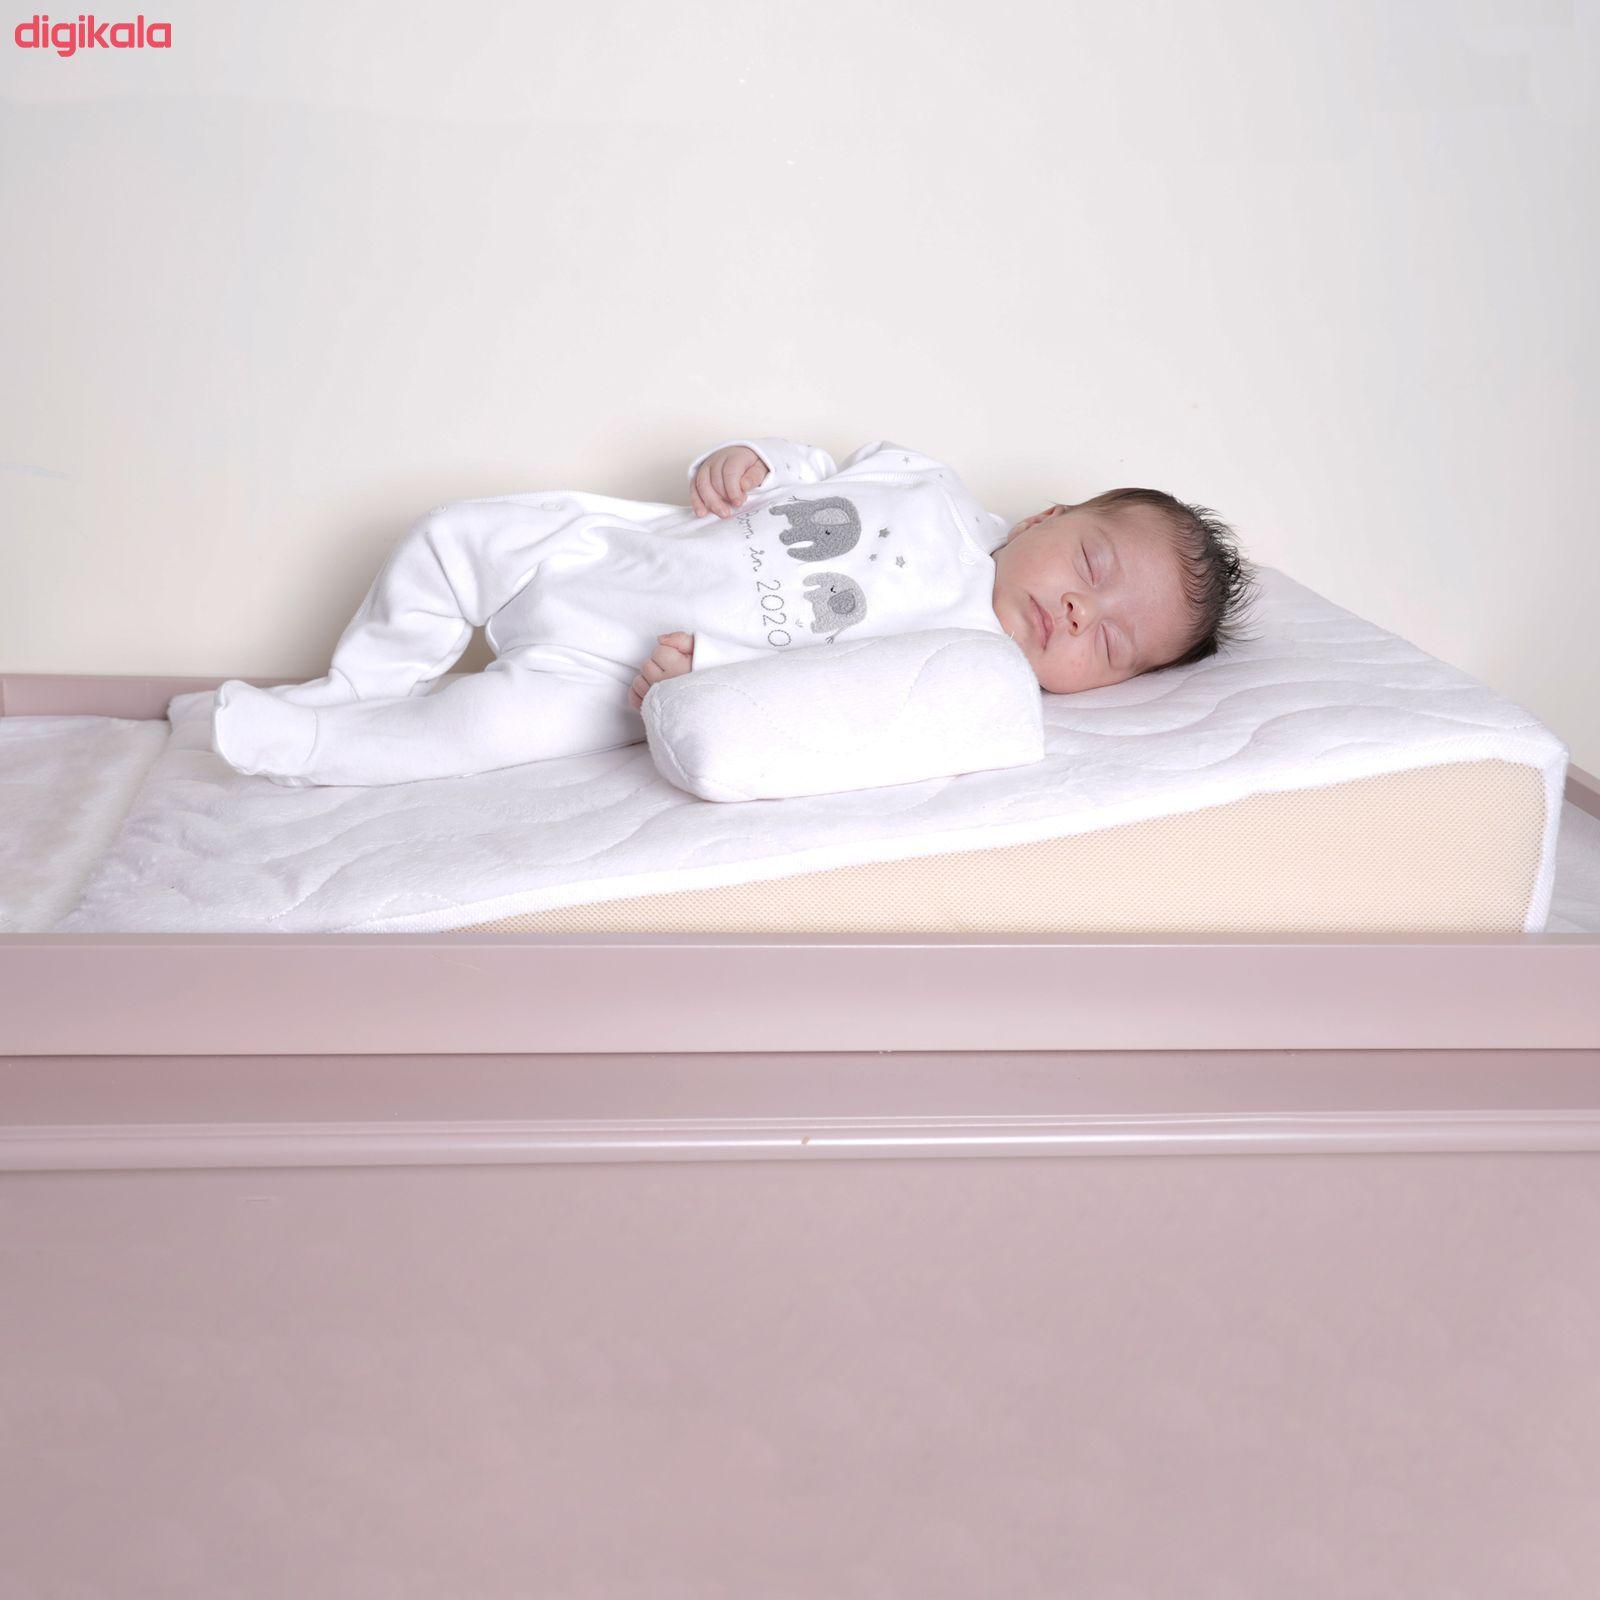 تشک آنتی رفلاکس کودک دی روحه مدل 12d main 1 1